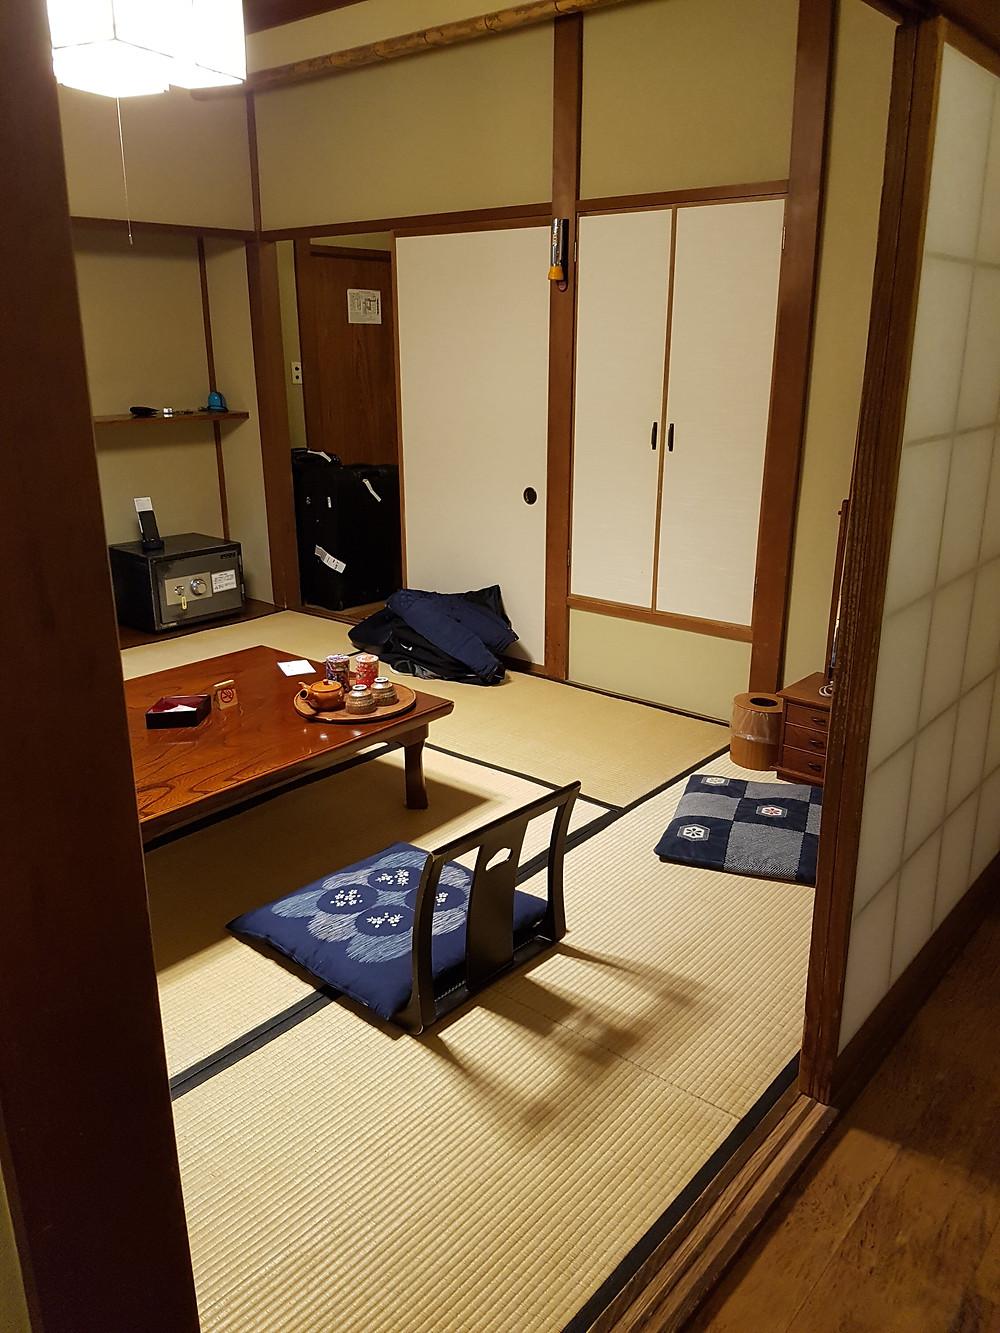 Wohn- und Schlafraum des Hotelzimmers